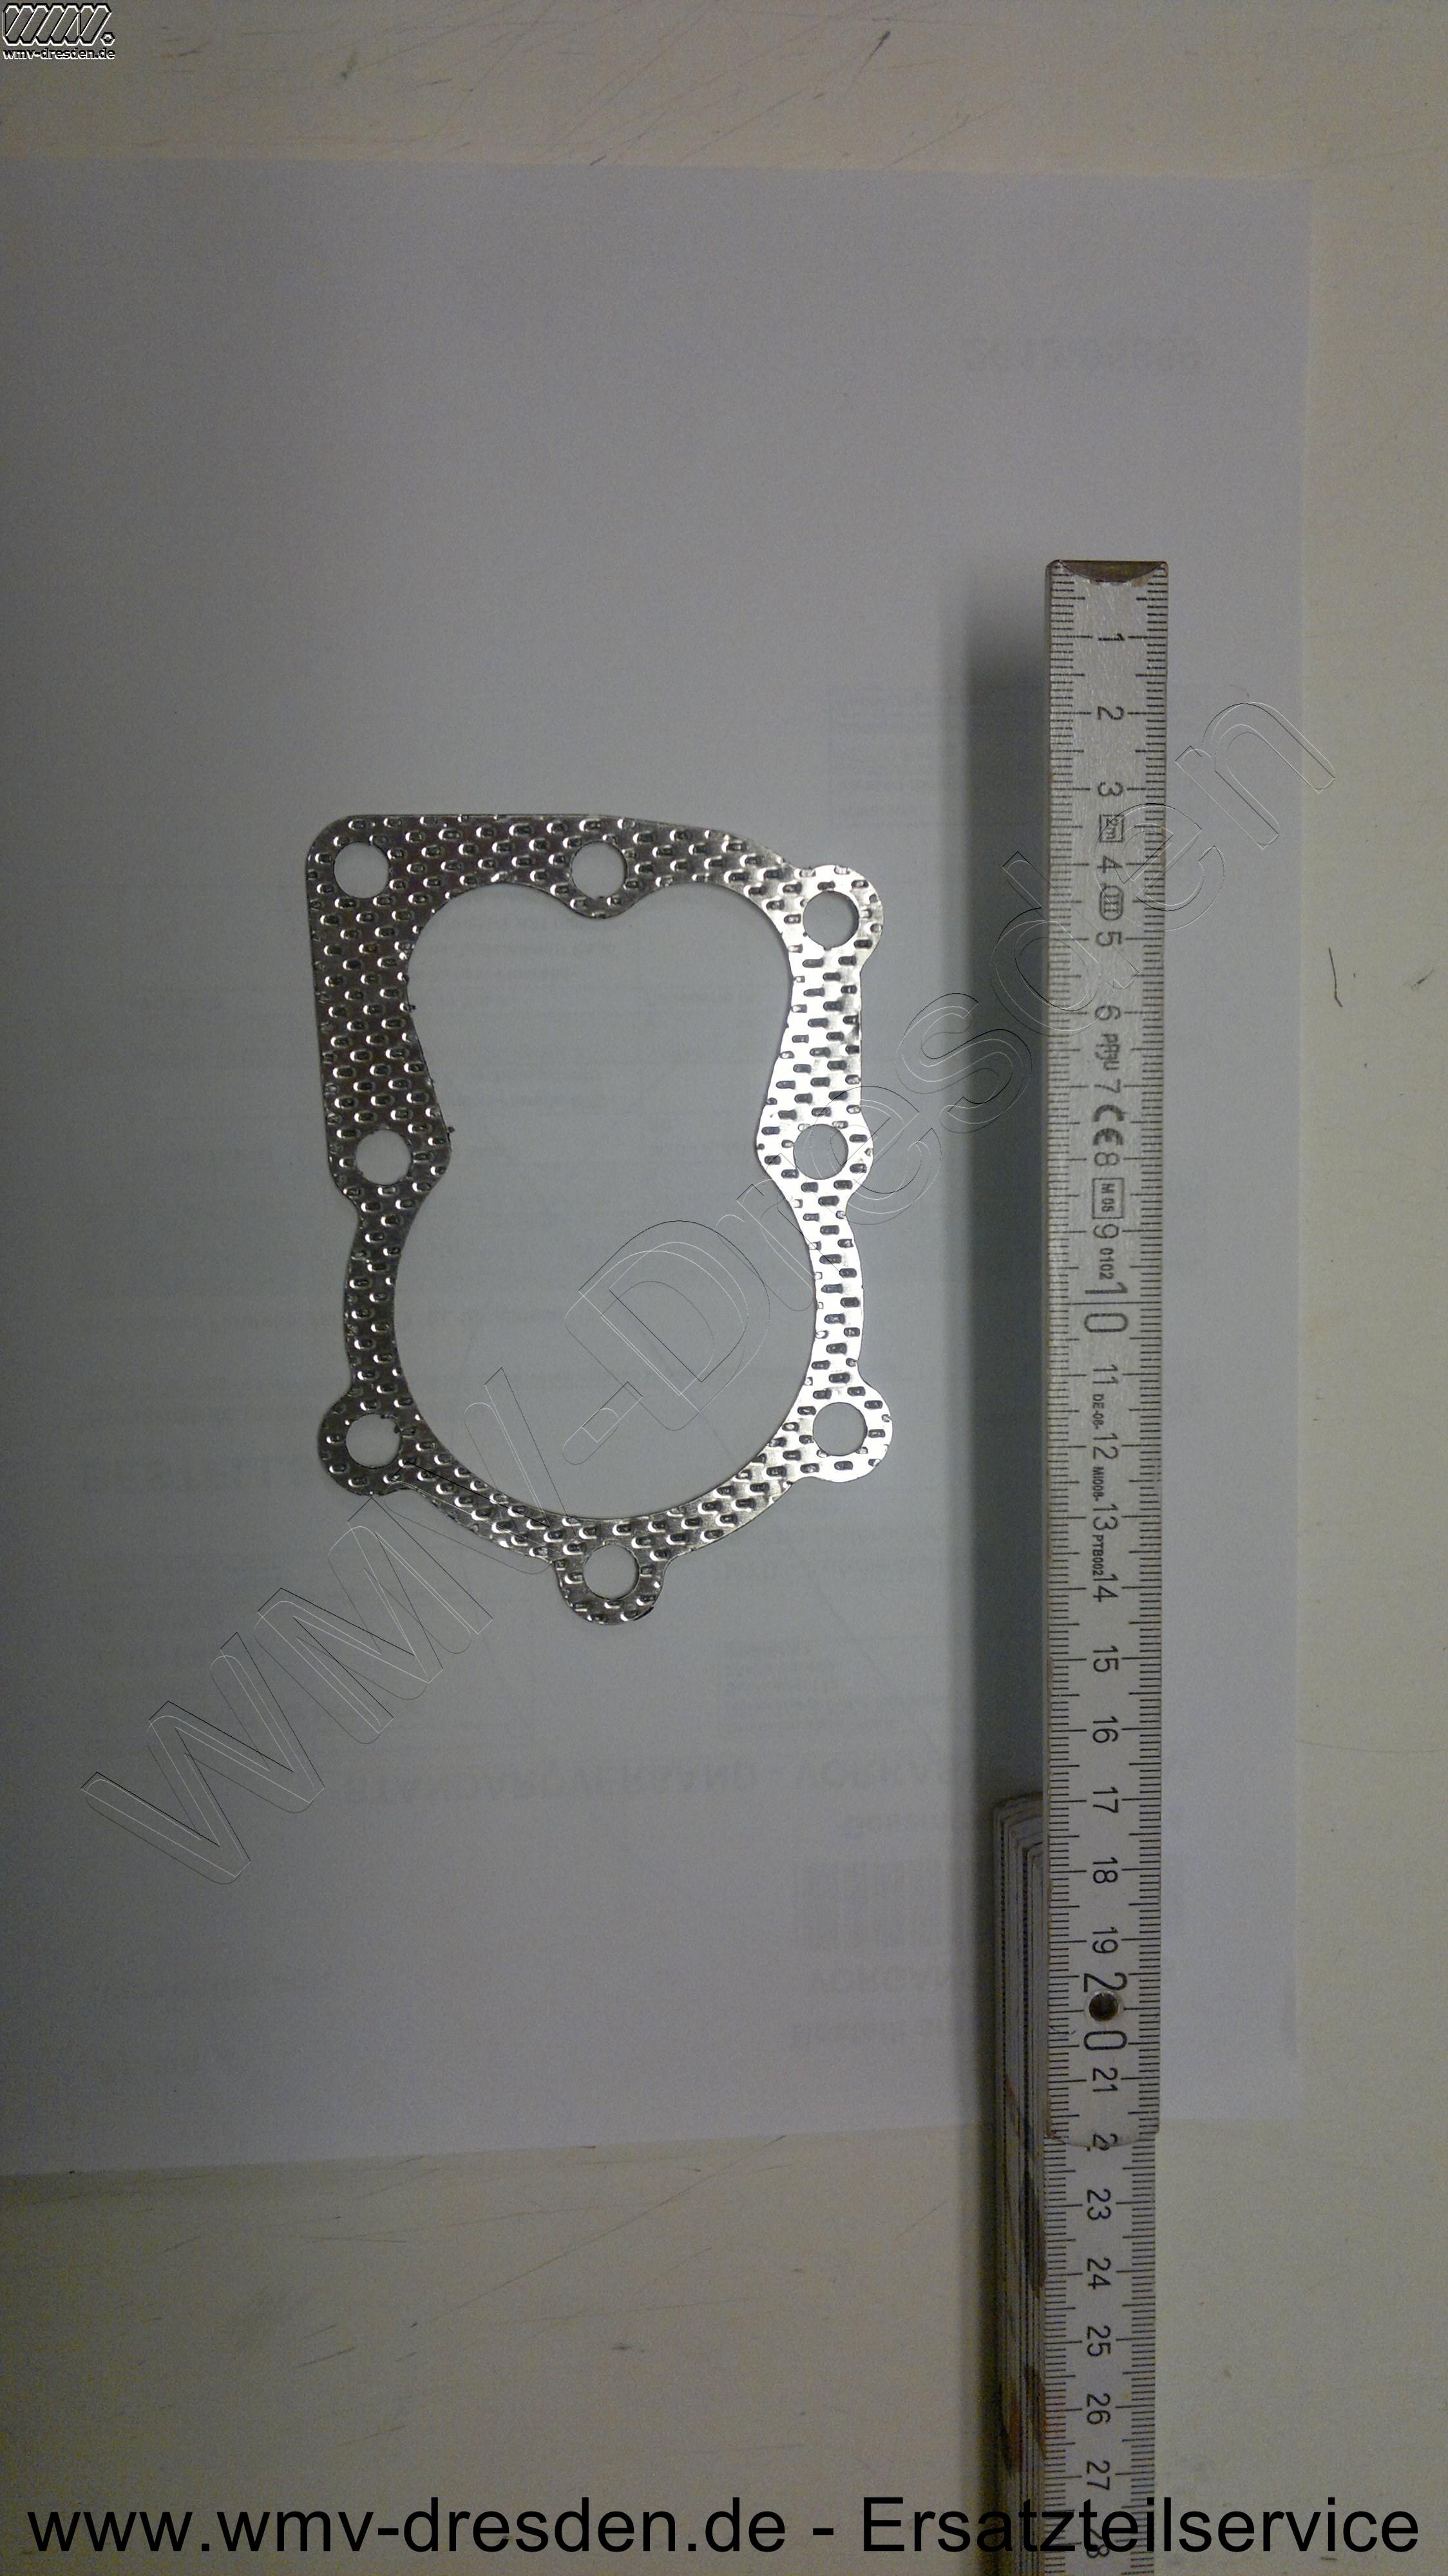 Dichtung für Zylinderkopf, Durchmesser der Kolbenöffnung ca 65 mm